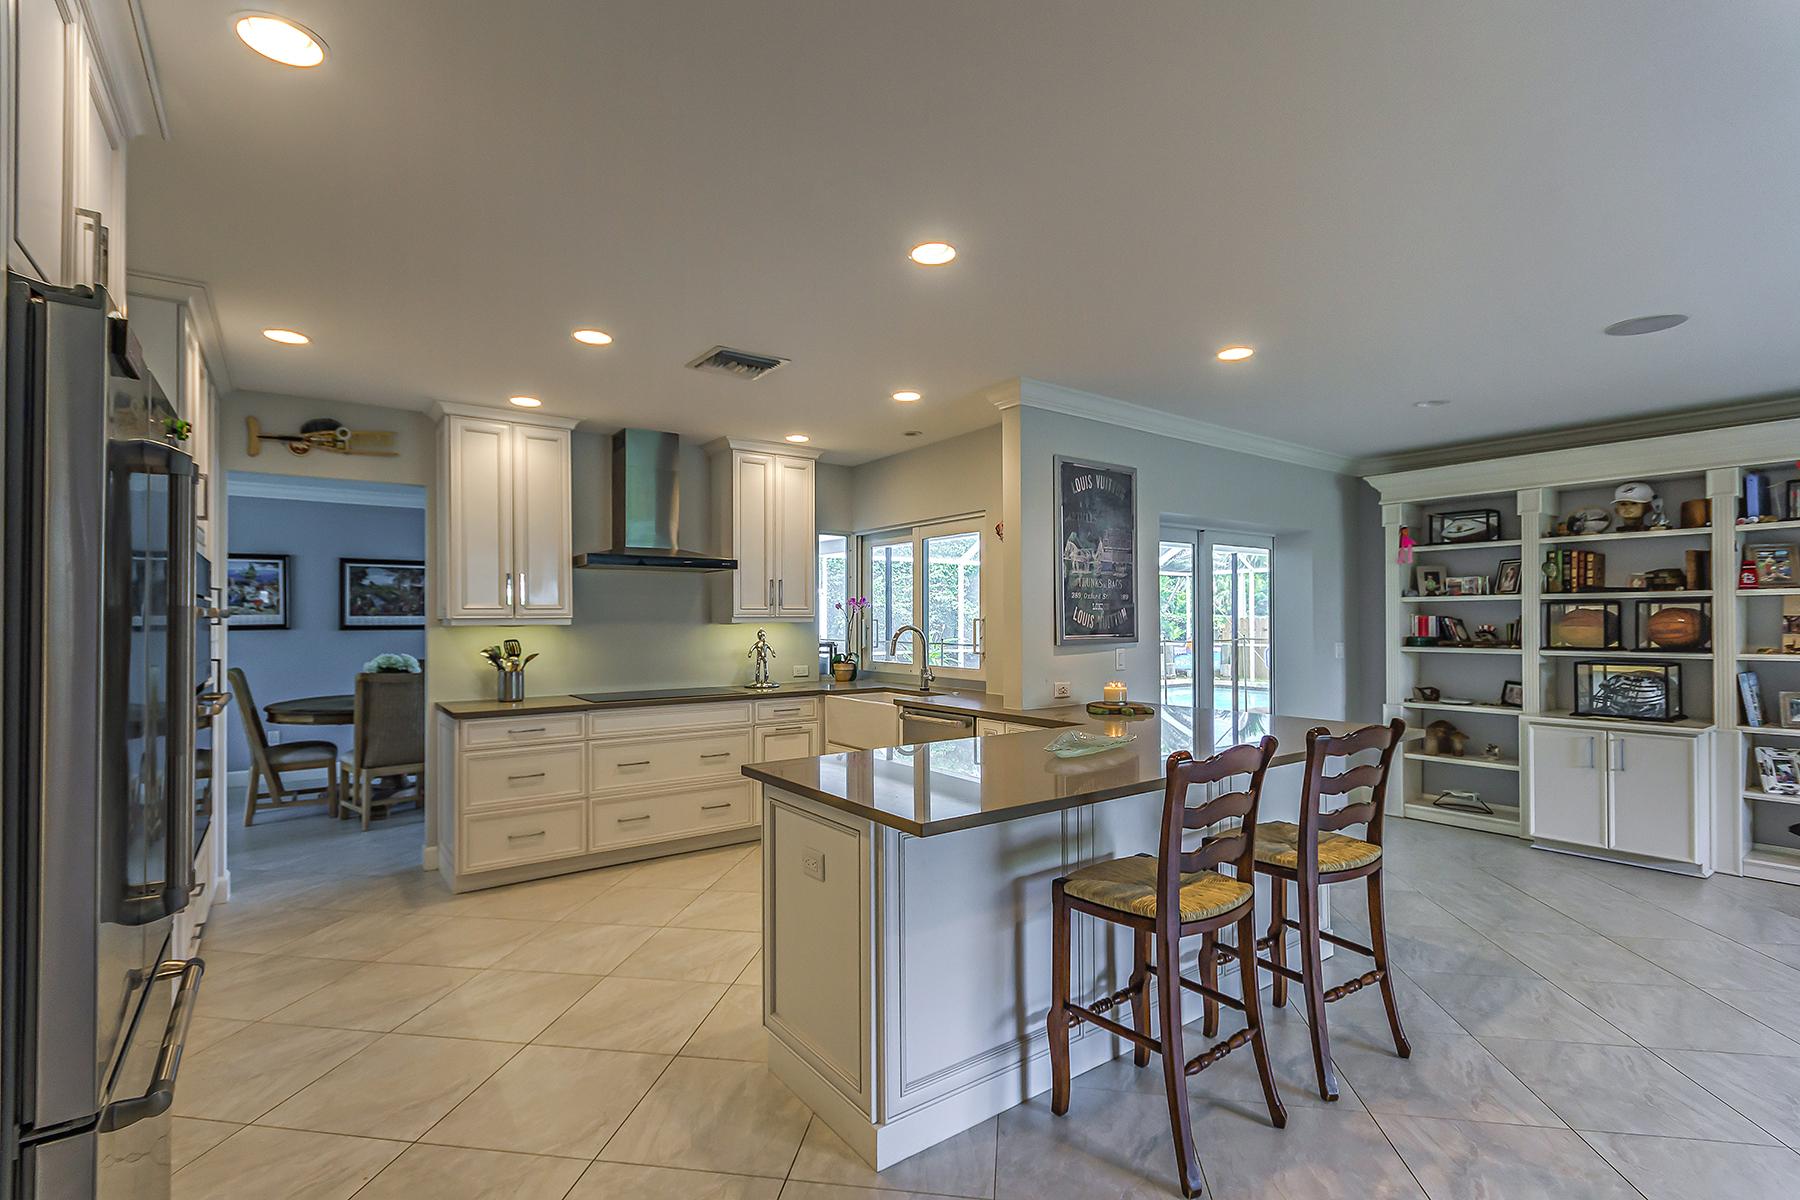 Maison unifamiliale pour l Vente à NAPLES TERRACE - THURNER 2742 14th St N Naples, Florida, 34103 États-Unis